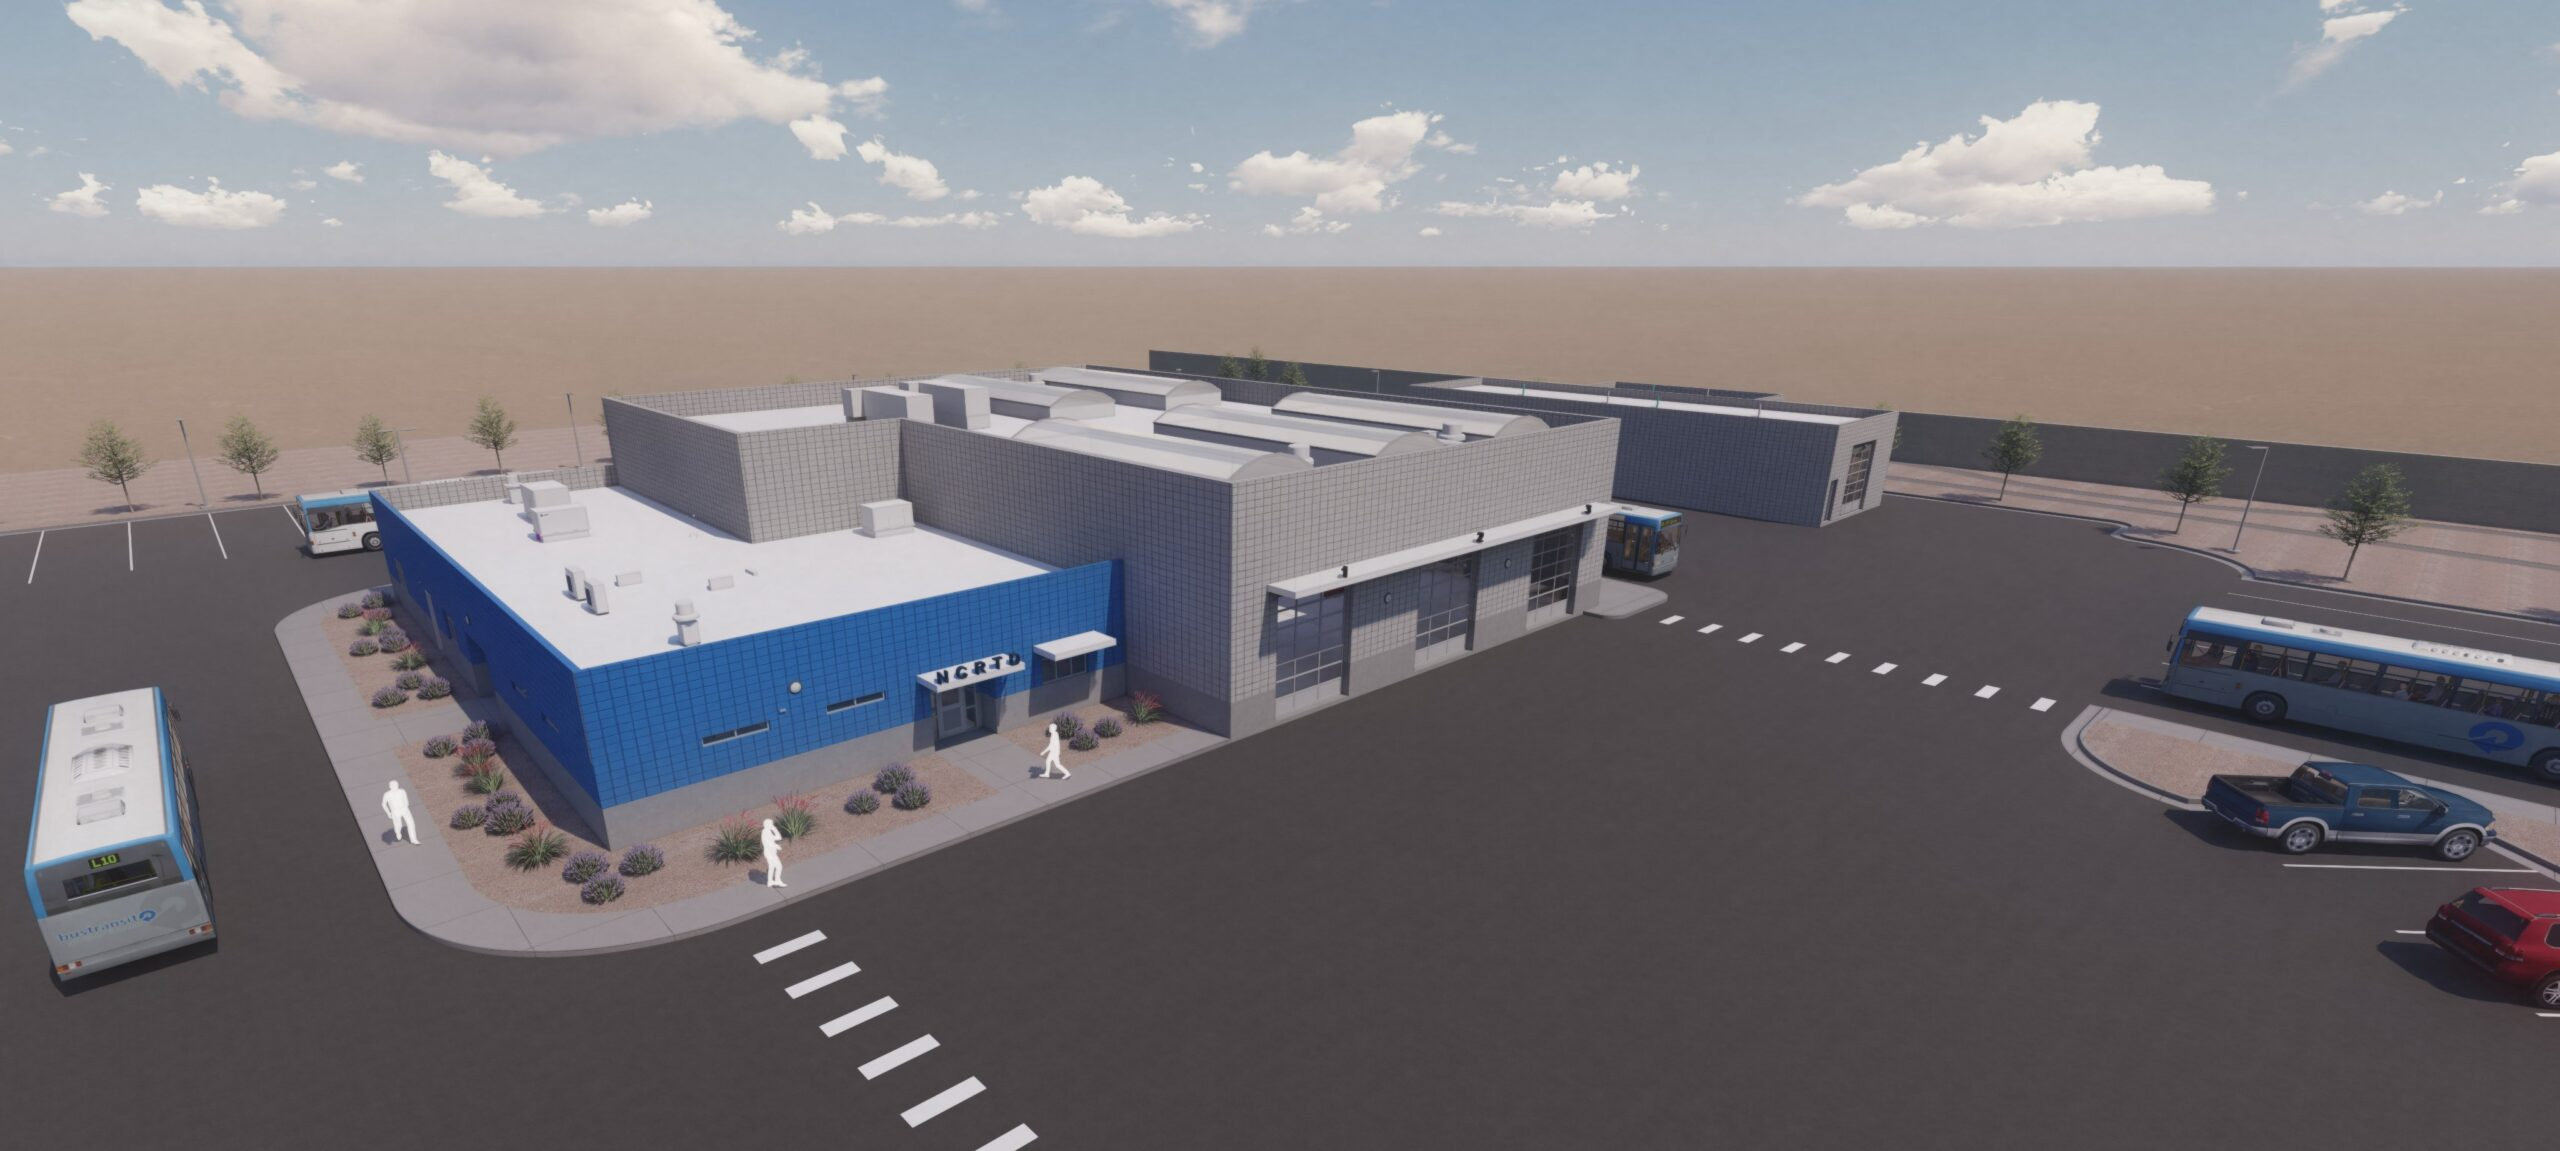 NCRTD facility